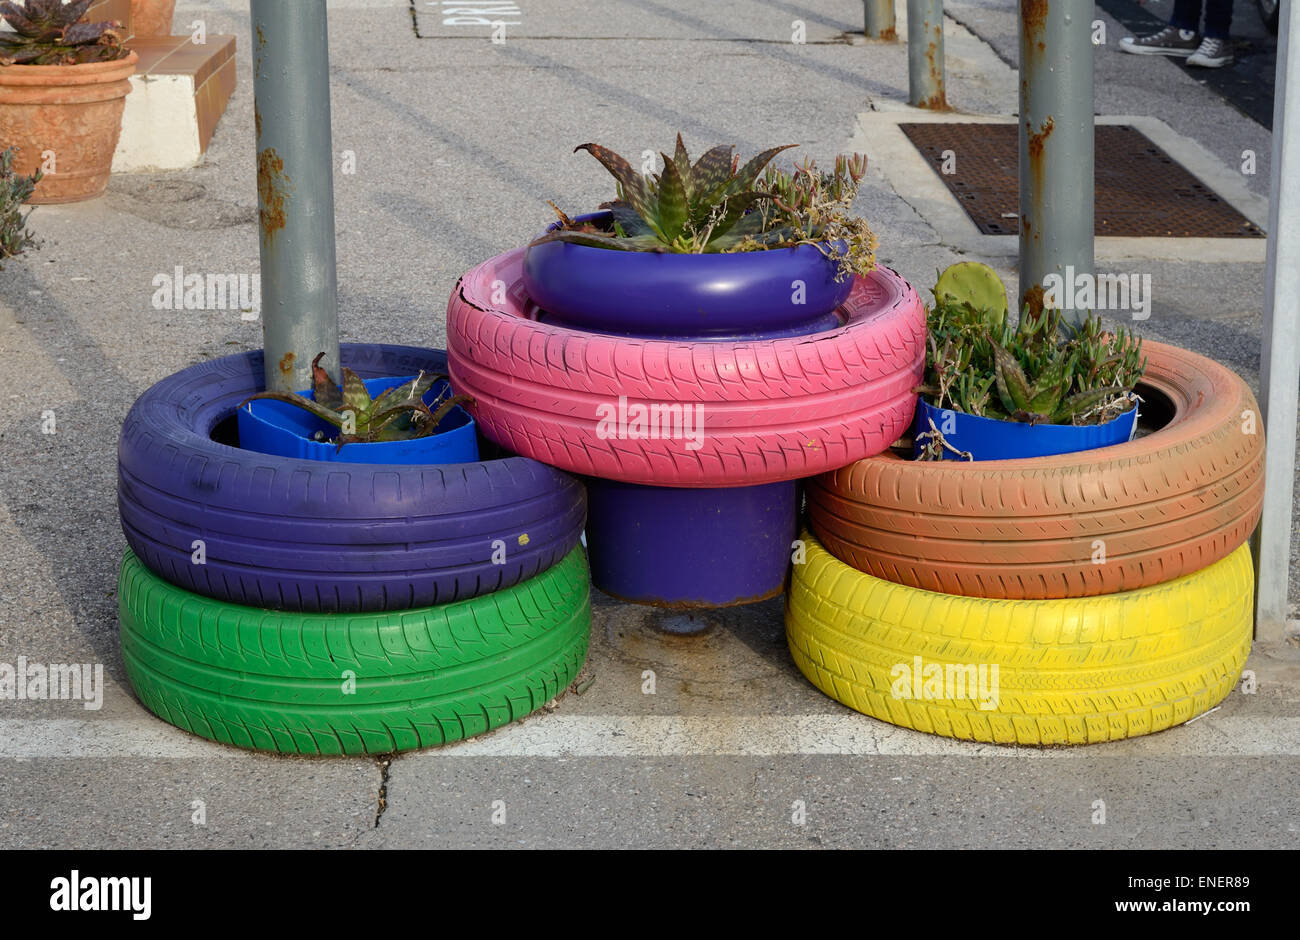 Dipinto di pneumatici o pneumatico piantatrici o gomma colorata vasi per piante Immagini Stock